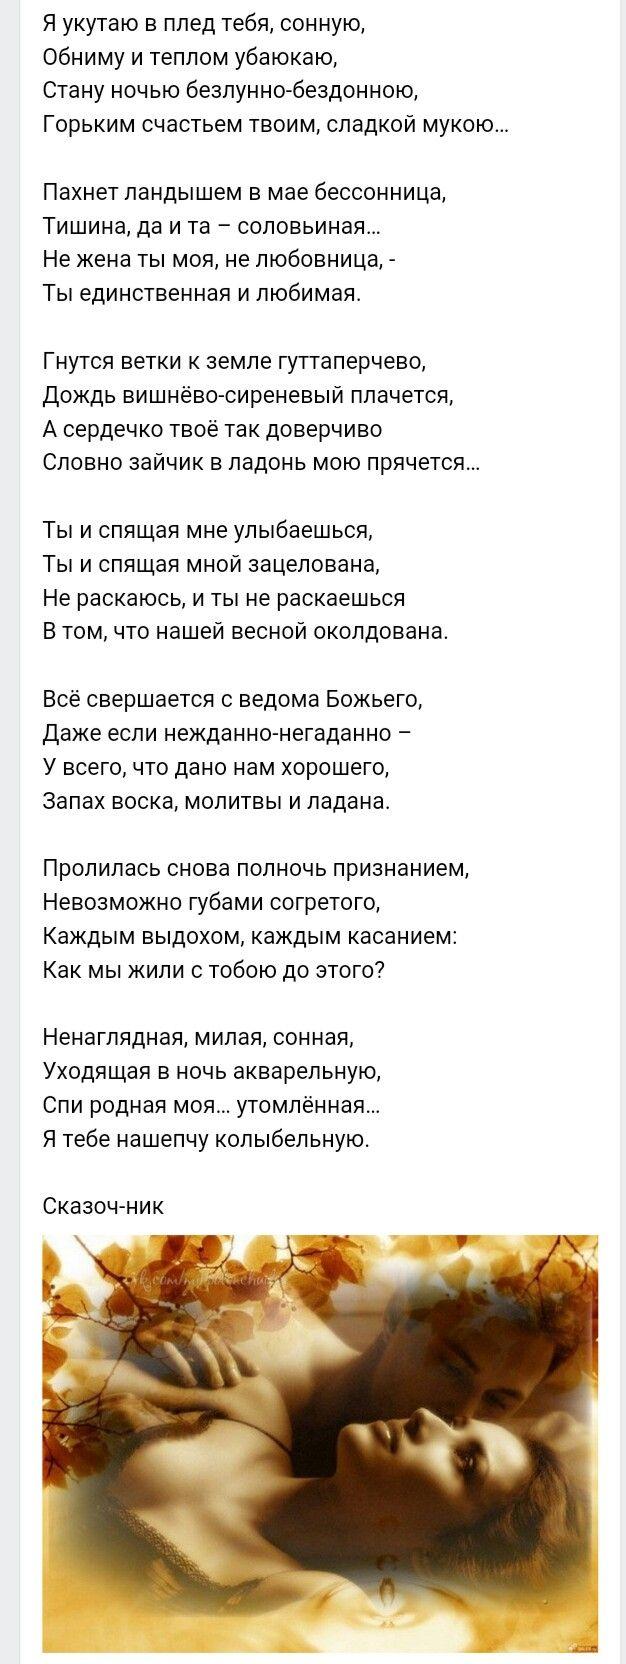 #Поэзия Мудрые слова